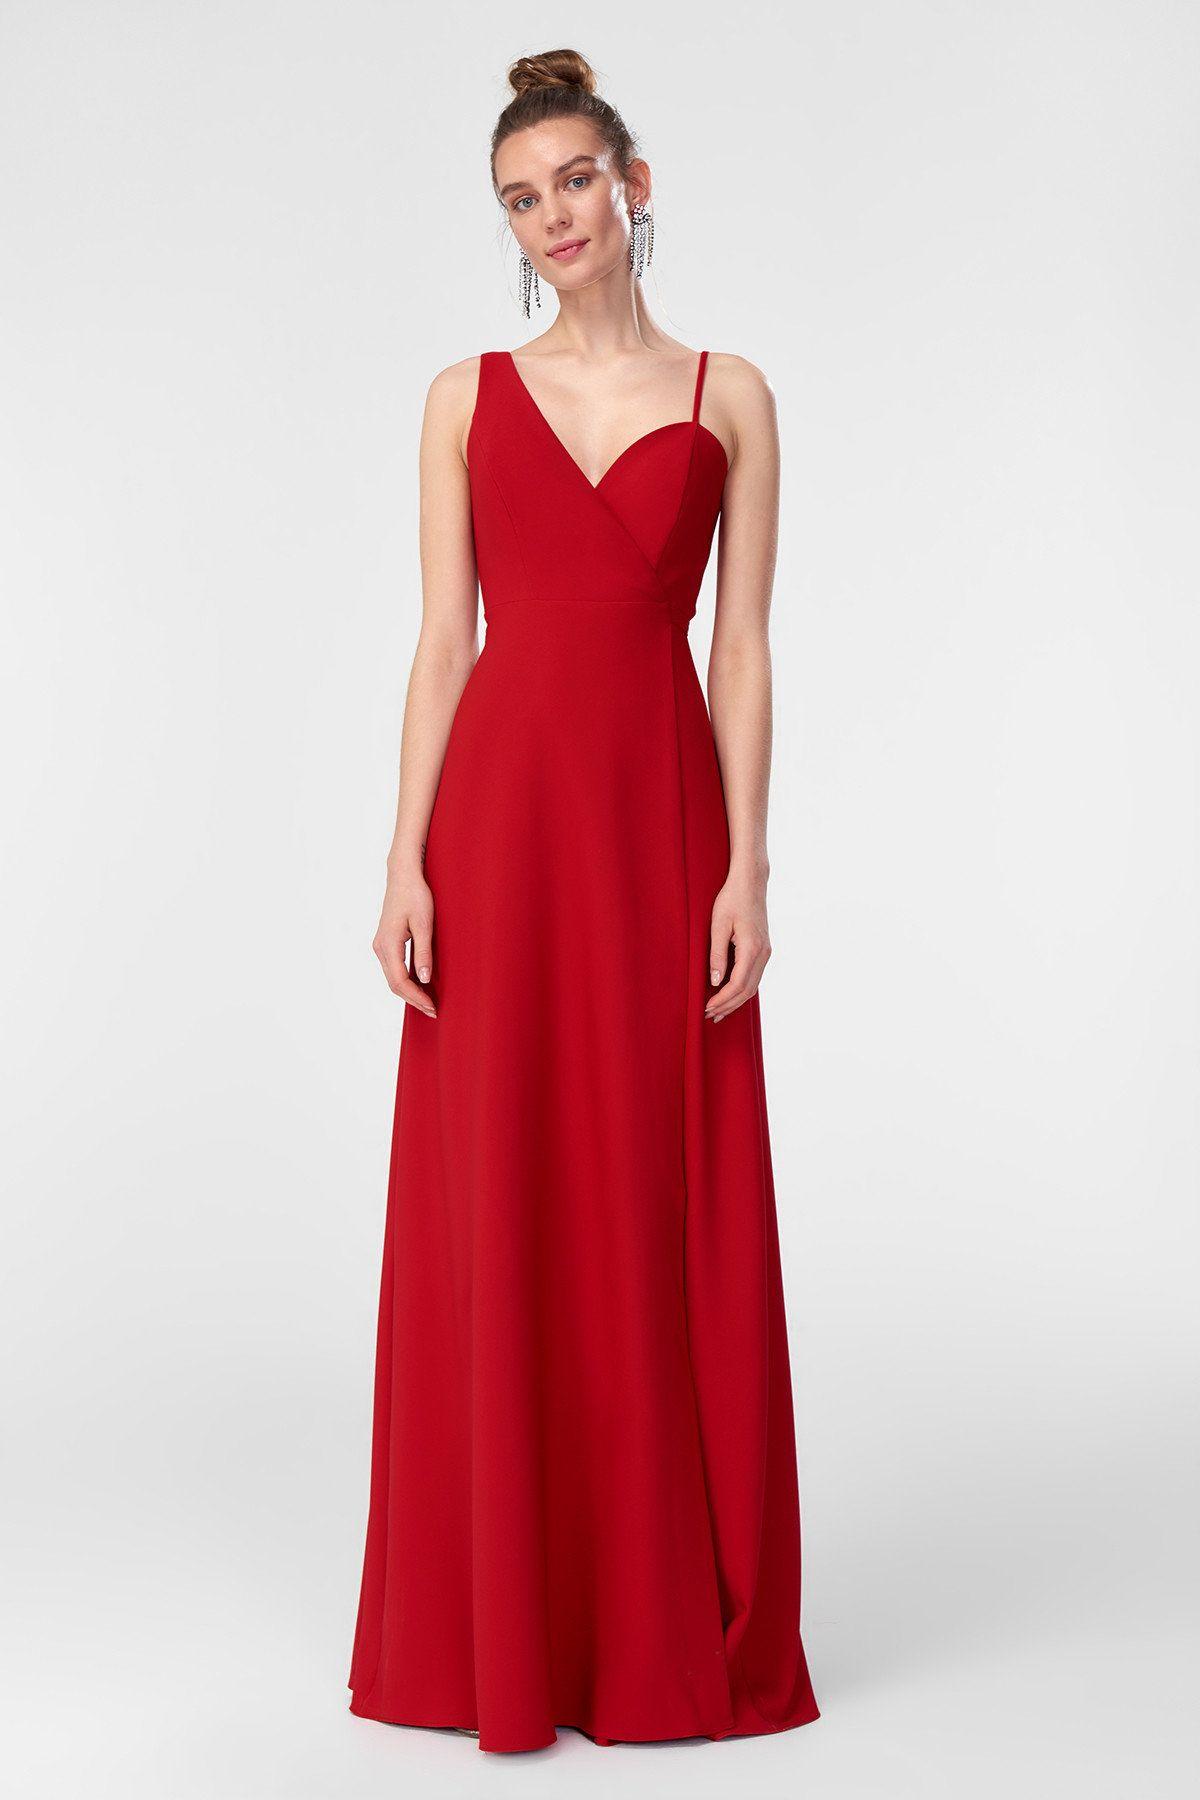 Kirmizi Belden Baglamali Abiye Elbise Trendyolmilla Trendyol The Dress Elbise Modelleri Elbise